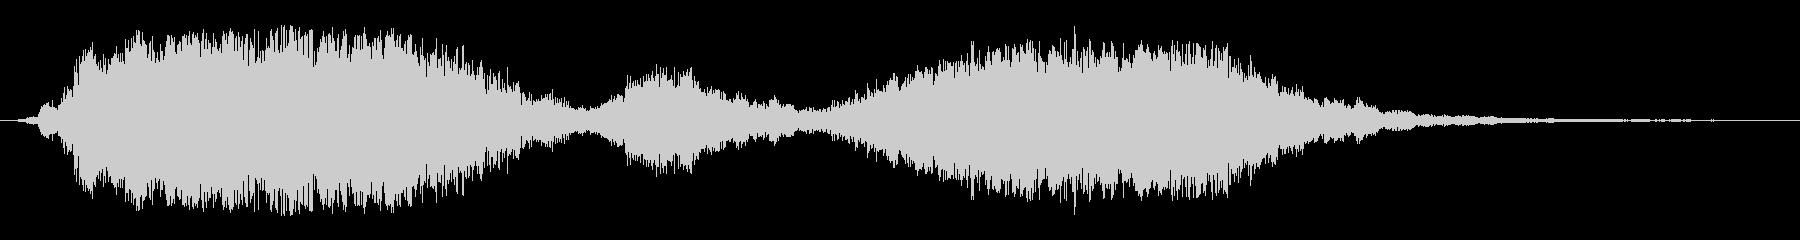 しっとり始まる軽快なオープニング音の未再生の波形